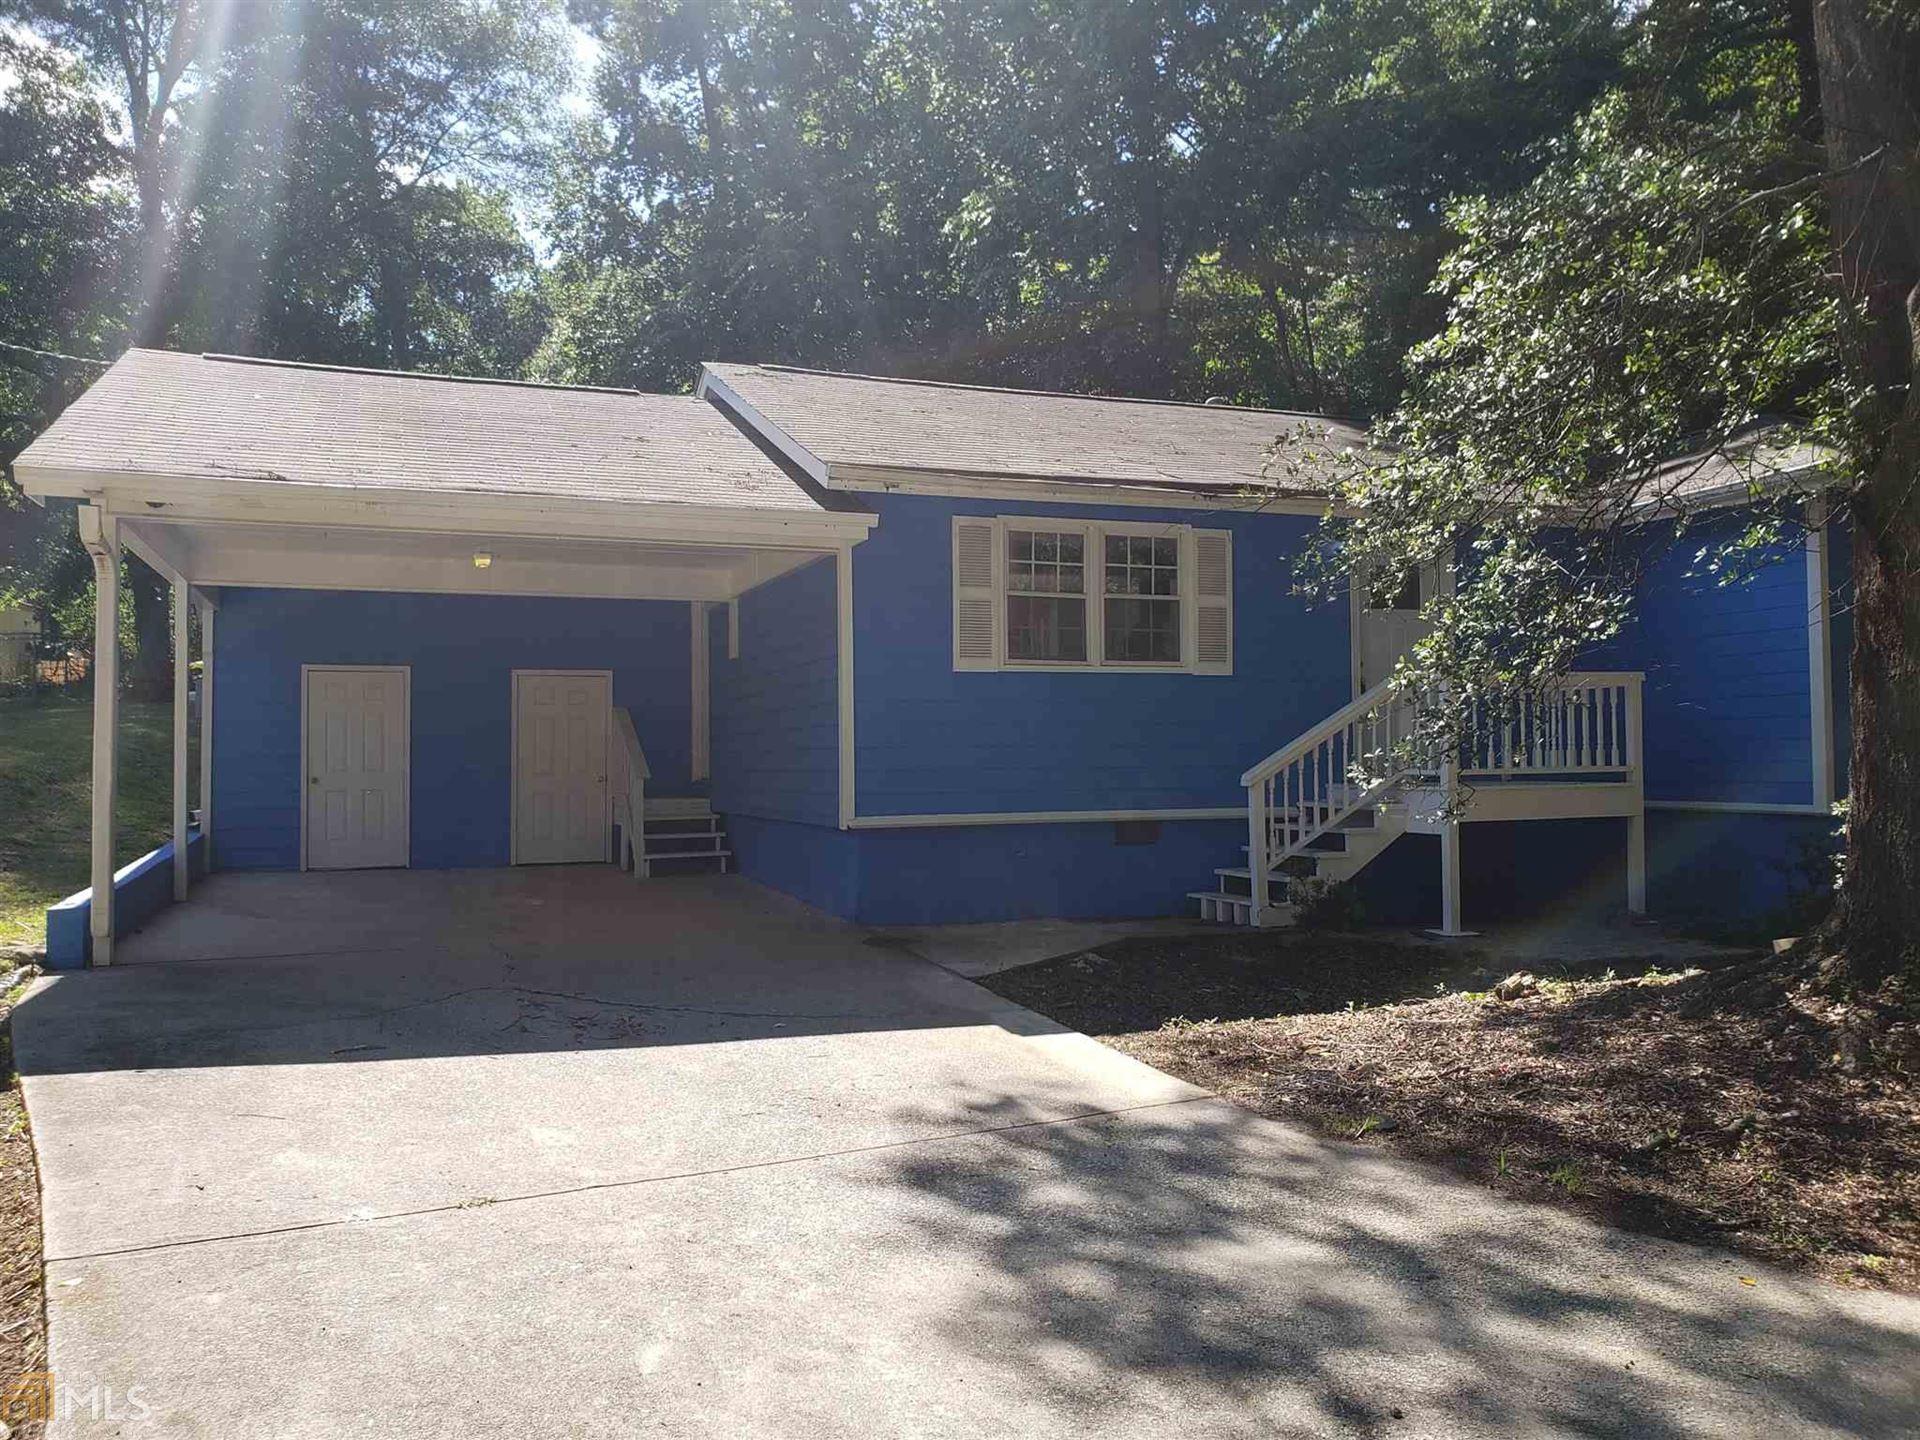 750 Fairburn, Atlanta, GA 30331 - MLS#: 8810703